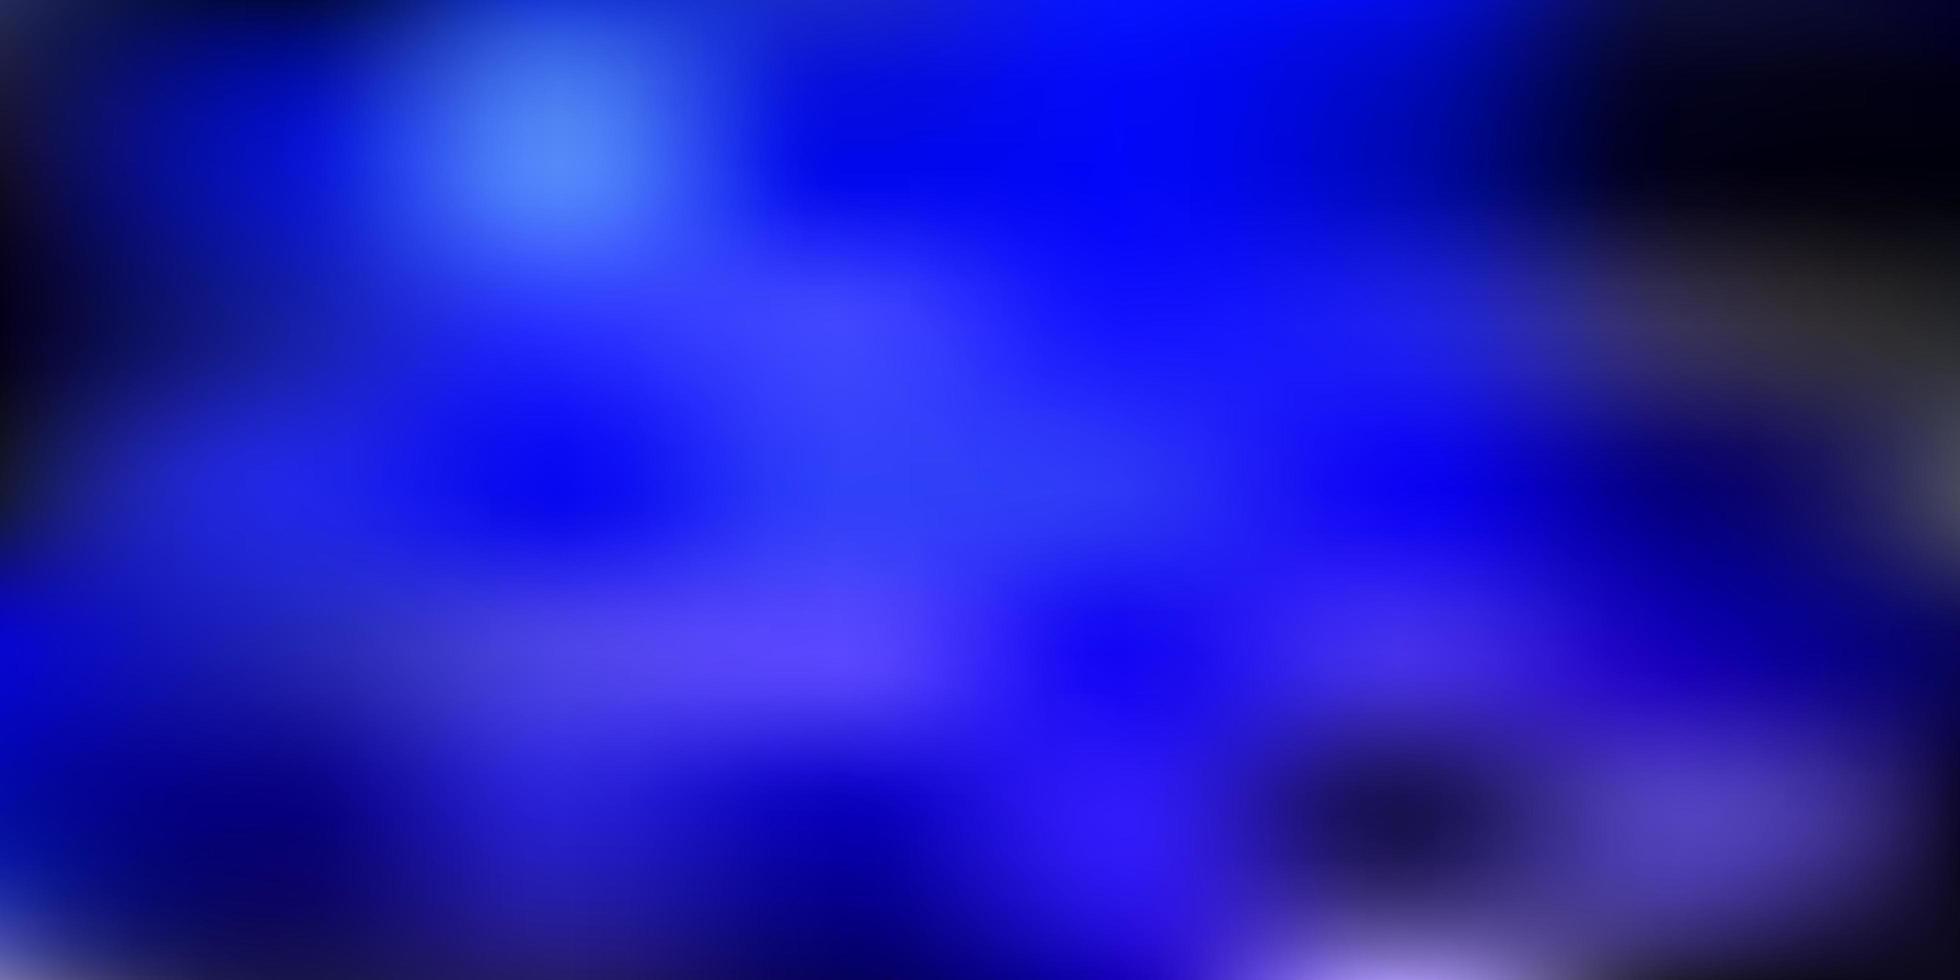 vetor azul escuro turva padrão.